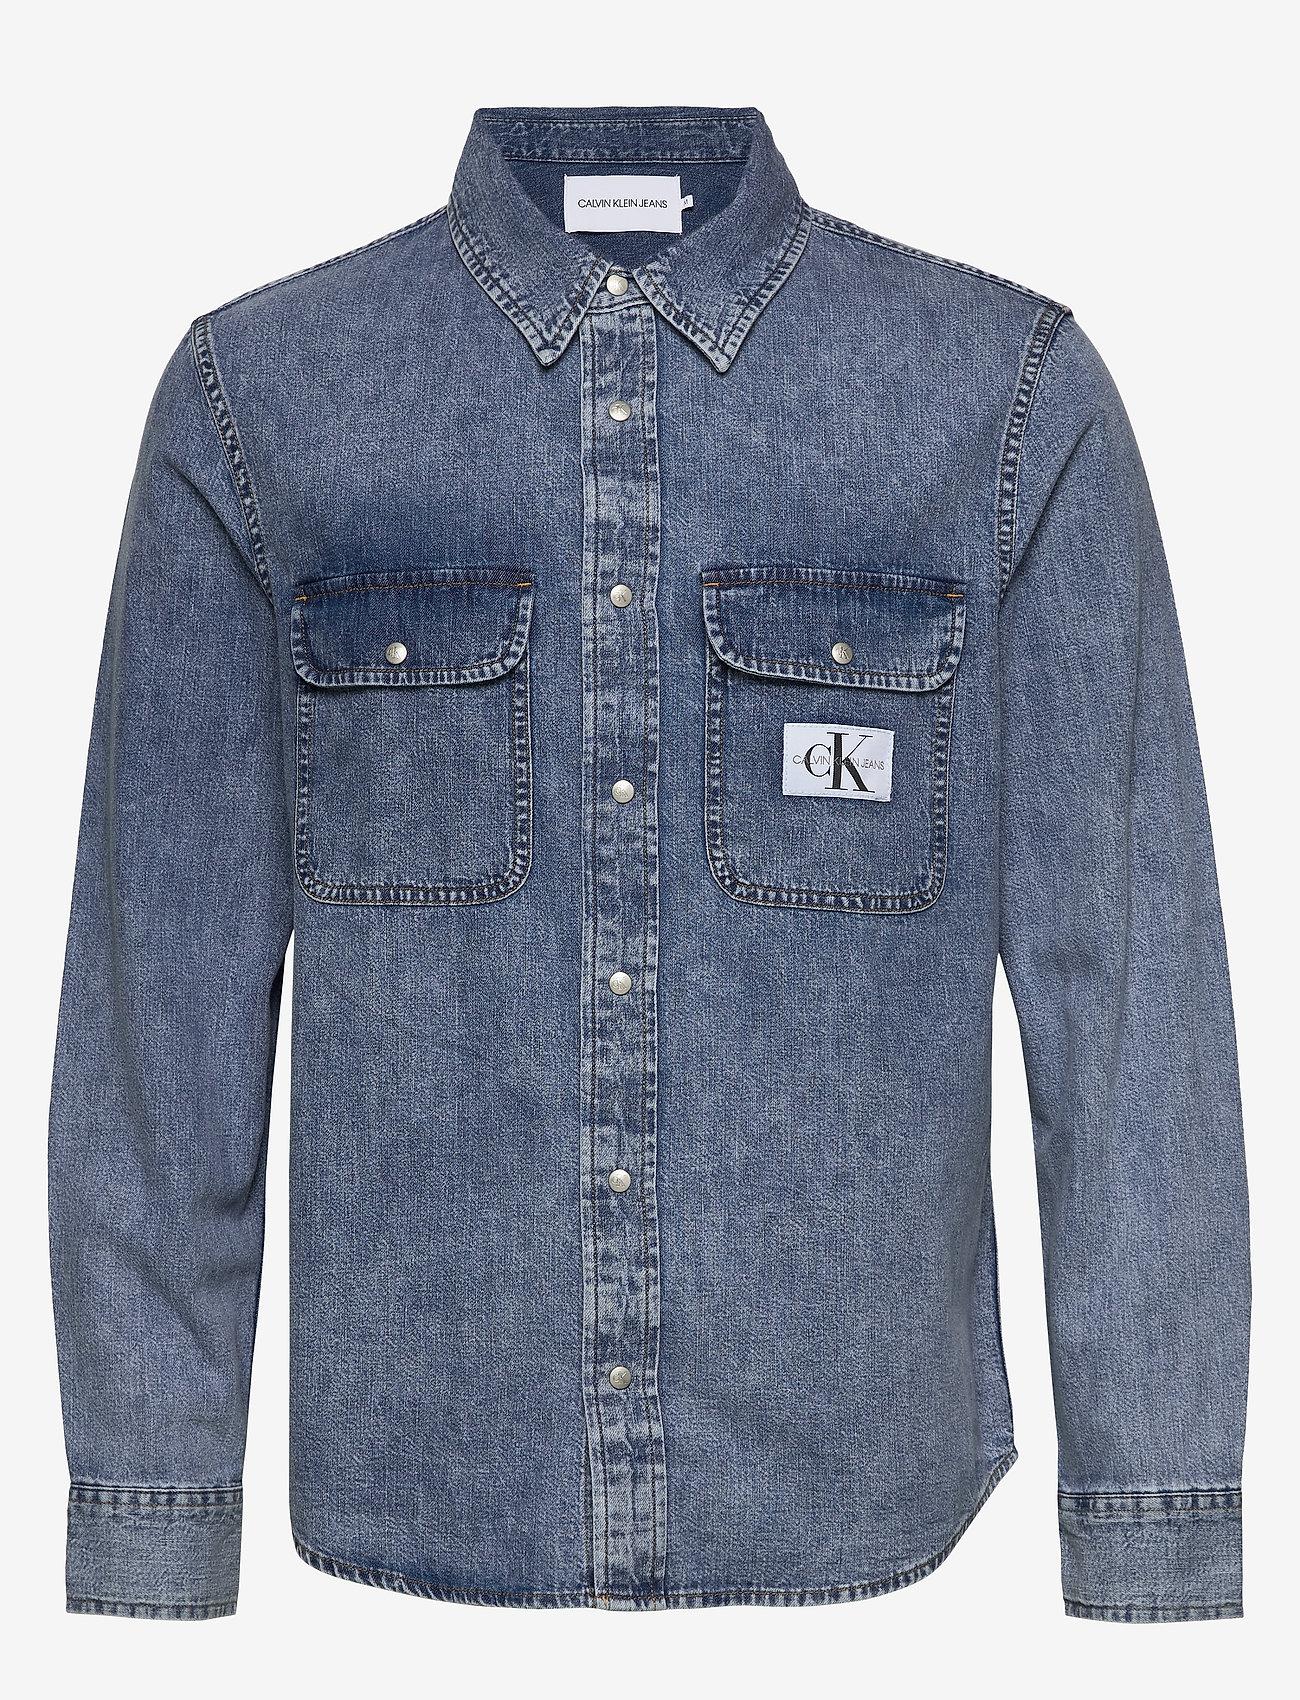 Calvin Klein Jeans - ARCHIVE REGULAR SHIRT - basic overhemden - ab078 icn mid blue - 0